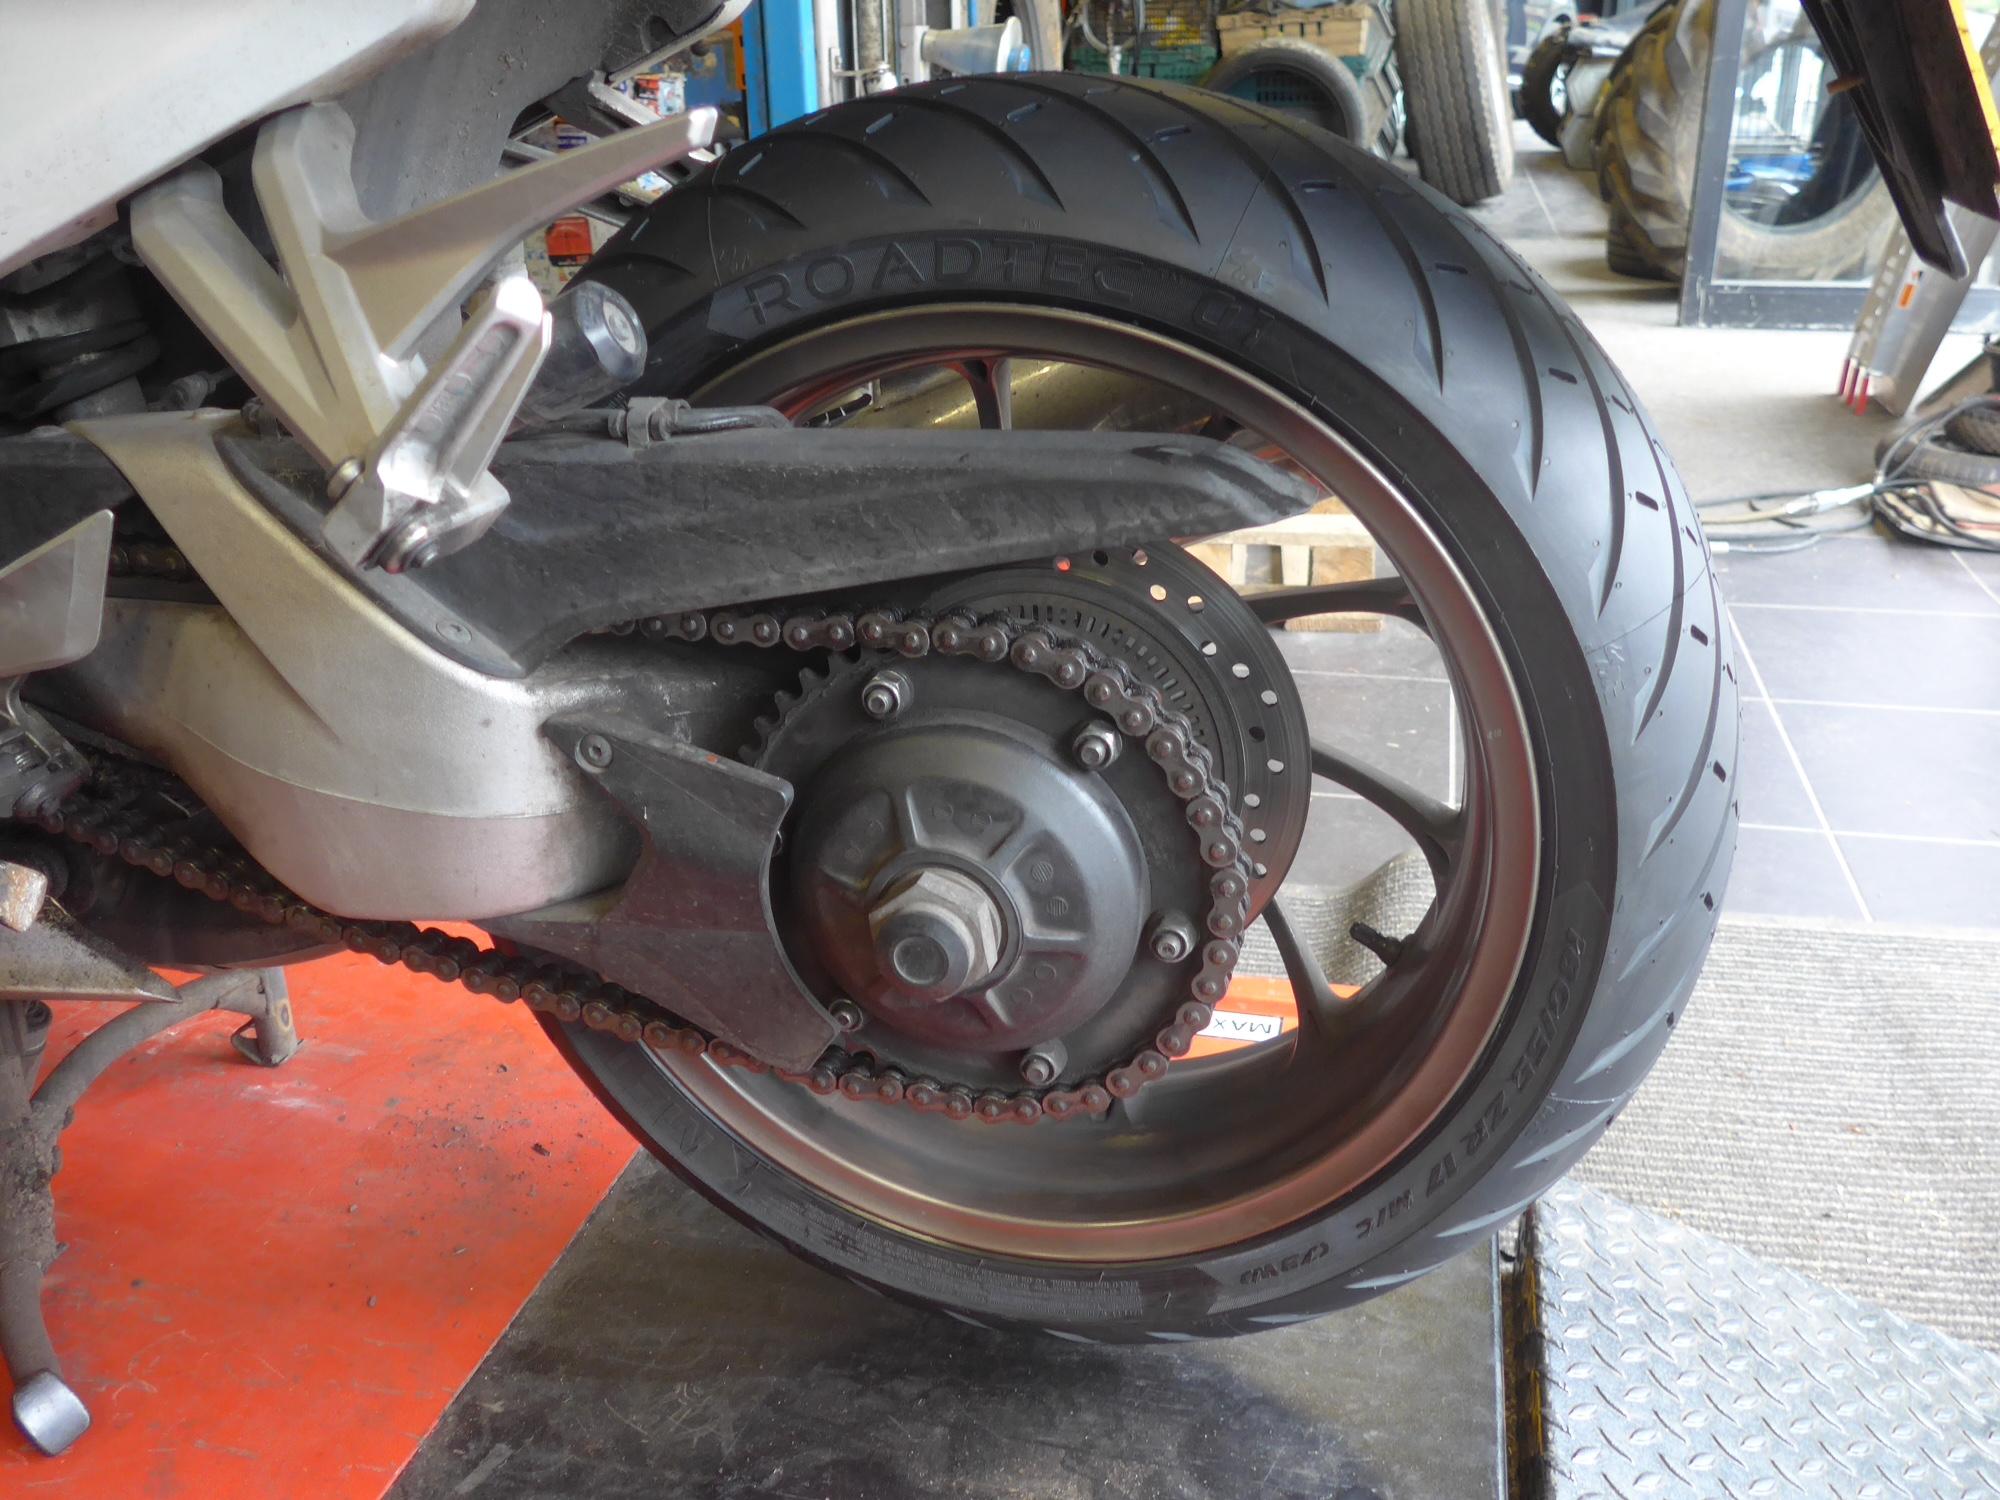 Martin's VFR at Tadworth Tyres